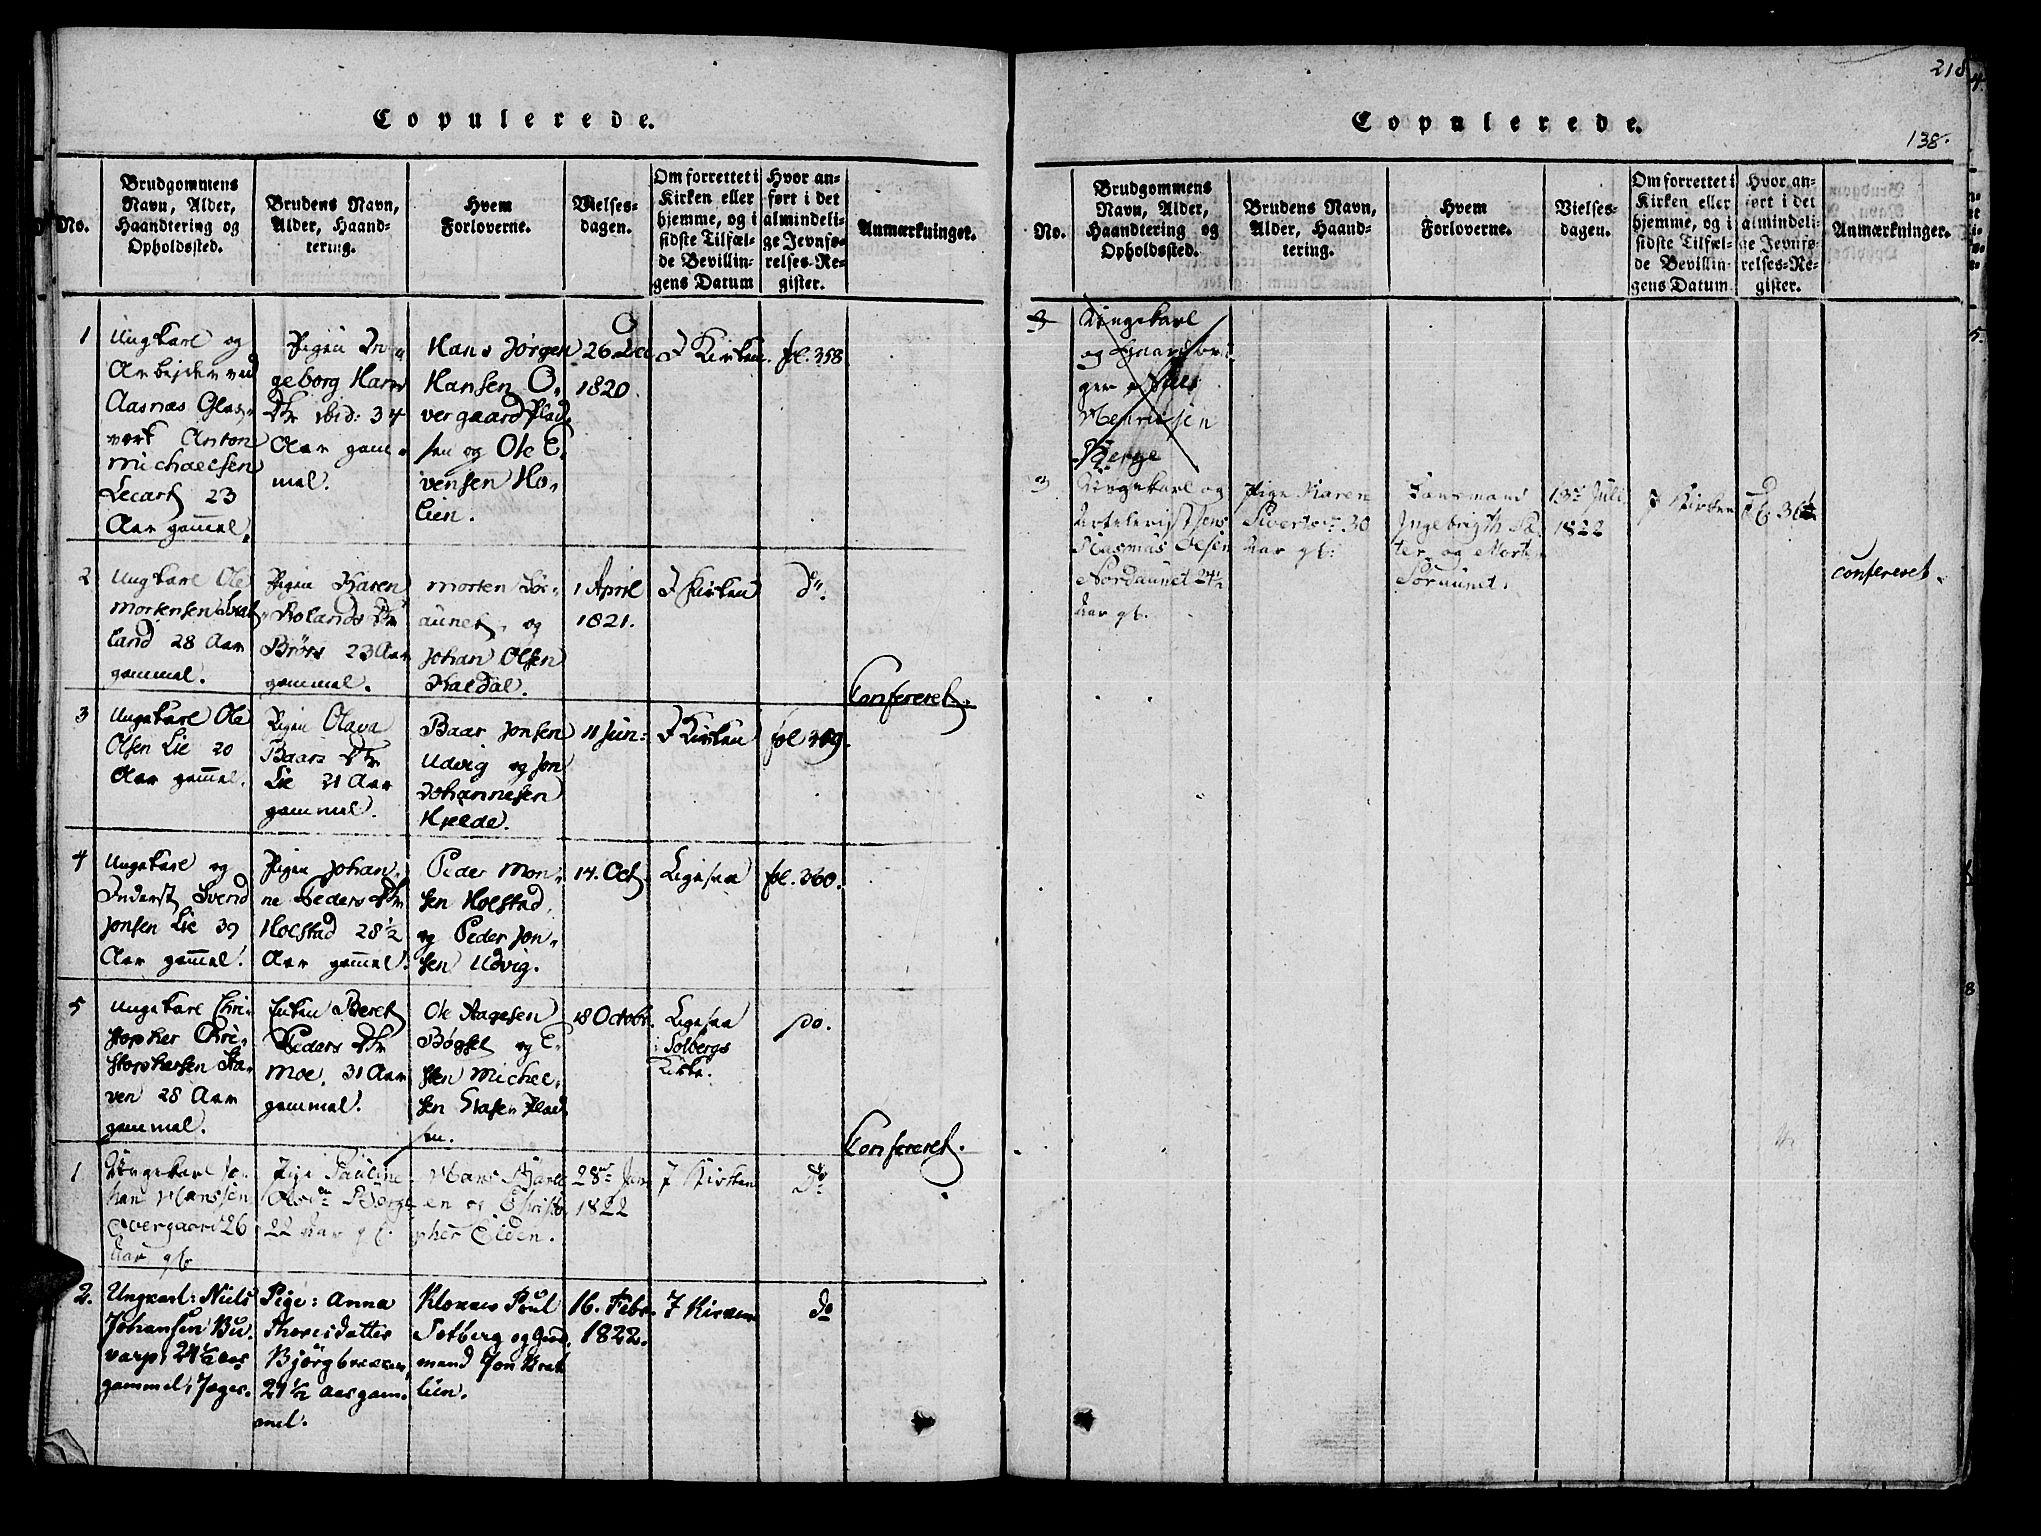 SAT, Ministerialprotokoller, klokkerbøker og fødselsregistre - Nord-Trøndelag, 741/L0387: Ministerialbok nr. 741A03 /3, 1817-1822, s. 138